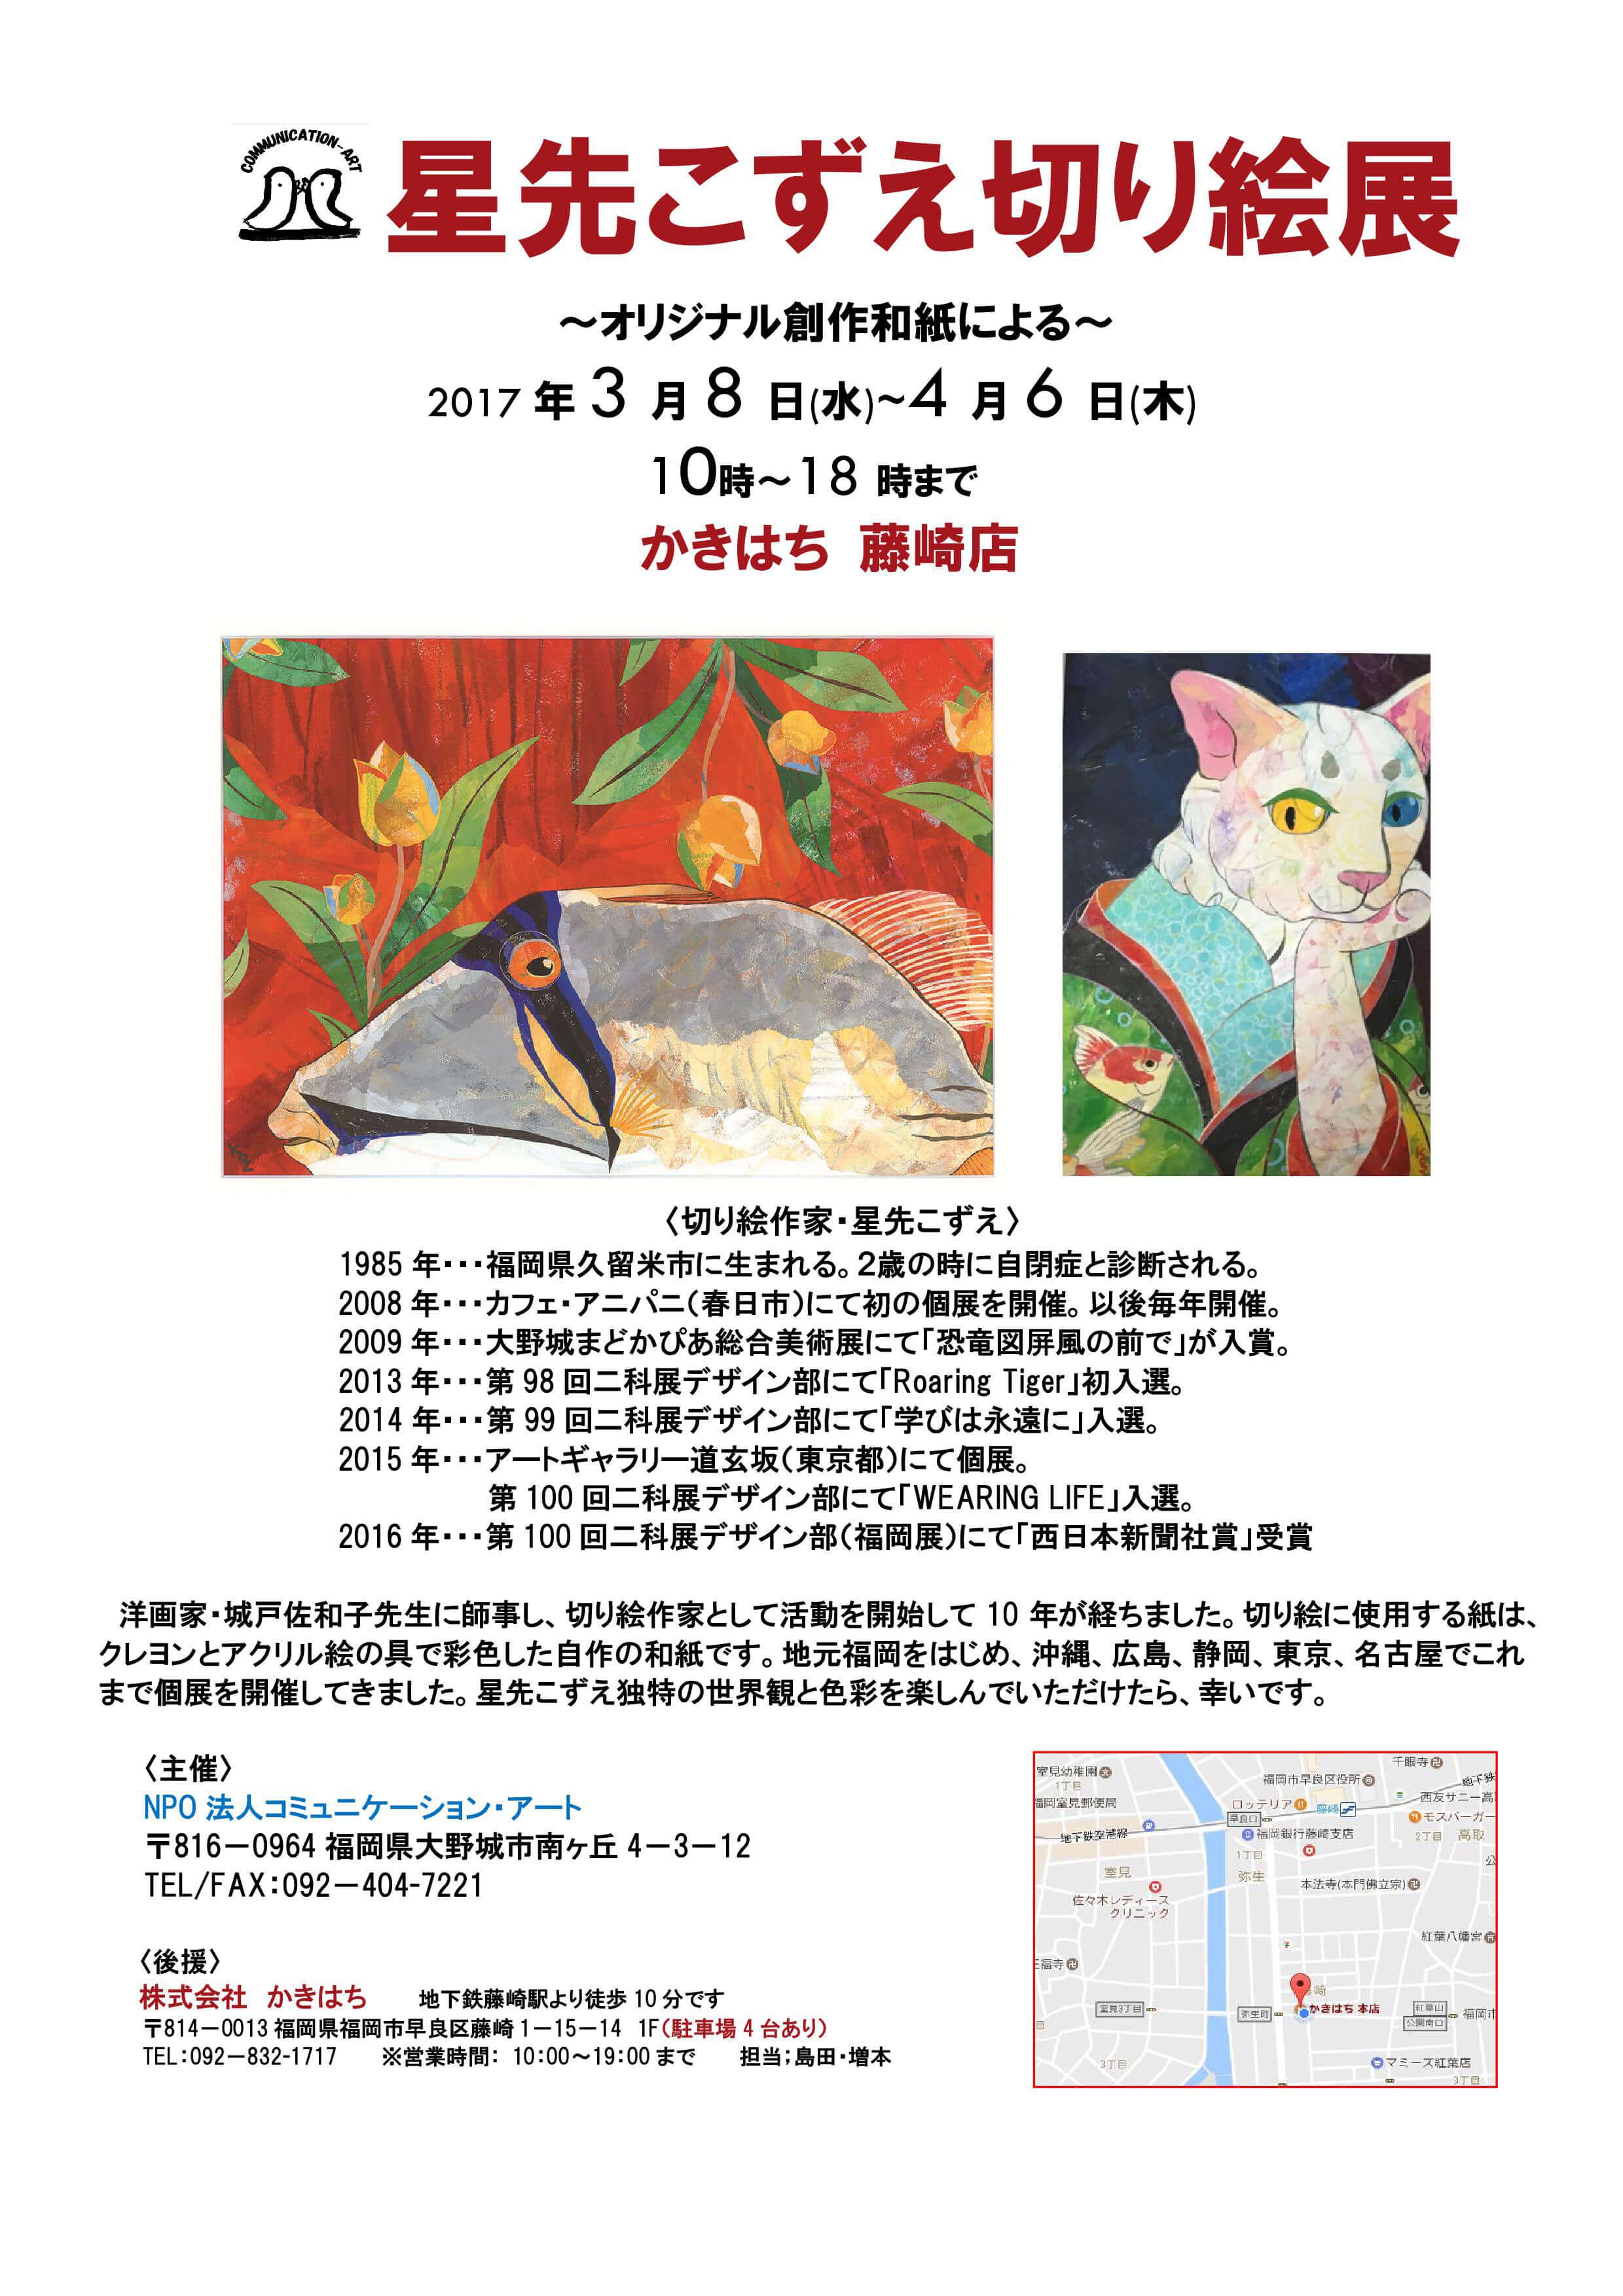 2017/03/08(水)~04/06(木) 福岡市